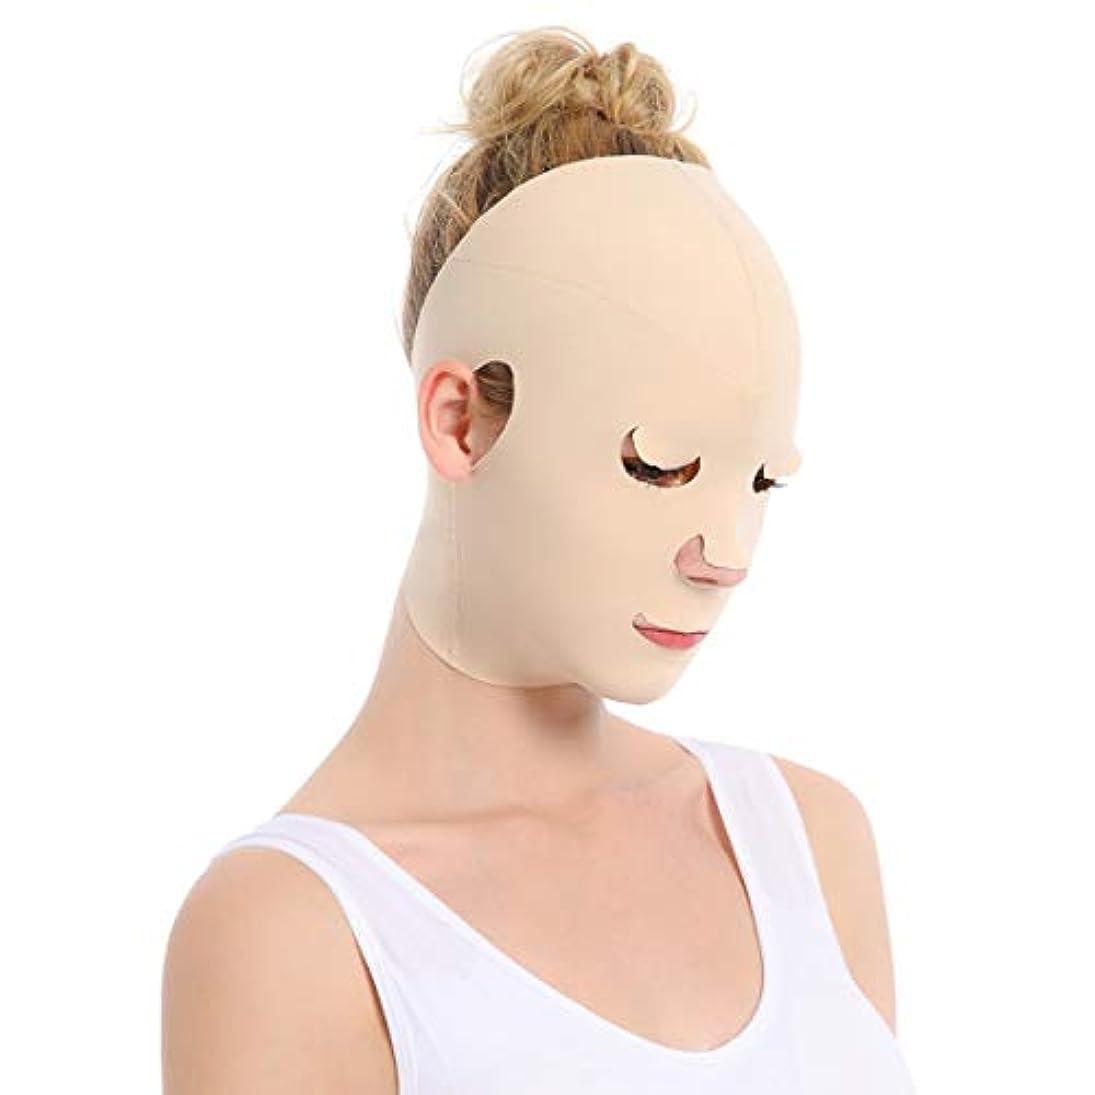 告白する気配りのある女の子ZWBD フェイスマスク, 薄い顔包帯理学療法フェースリフトアーチファクト肌睡眠マスクVフェース包帯リフティング引き締めホワイトニング傷修理能力